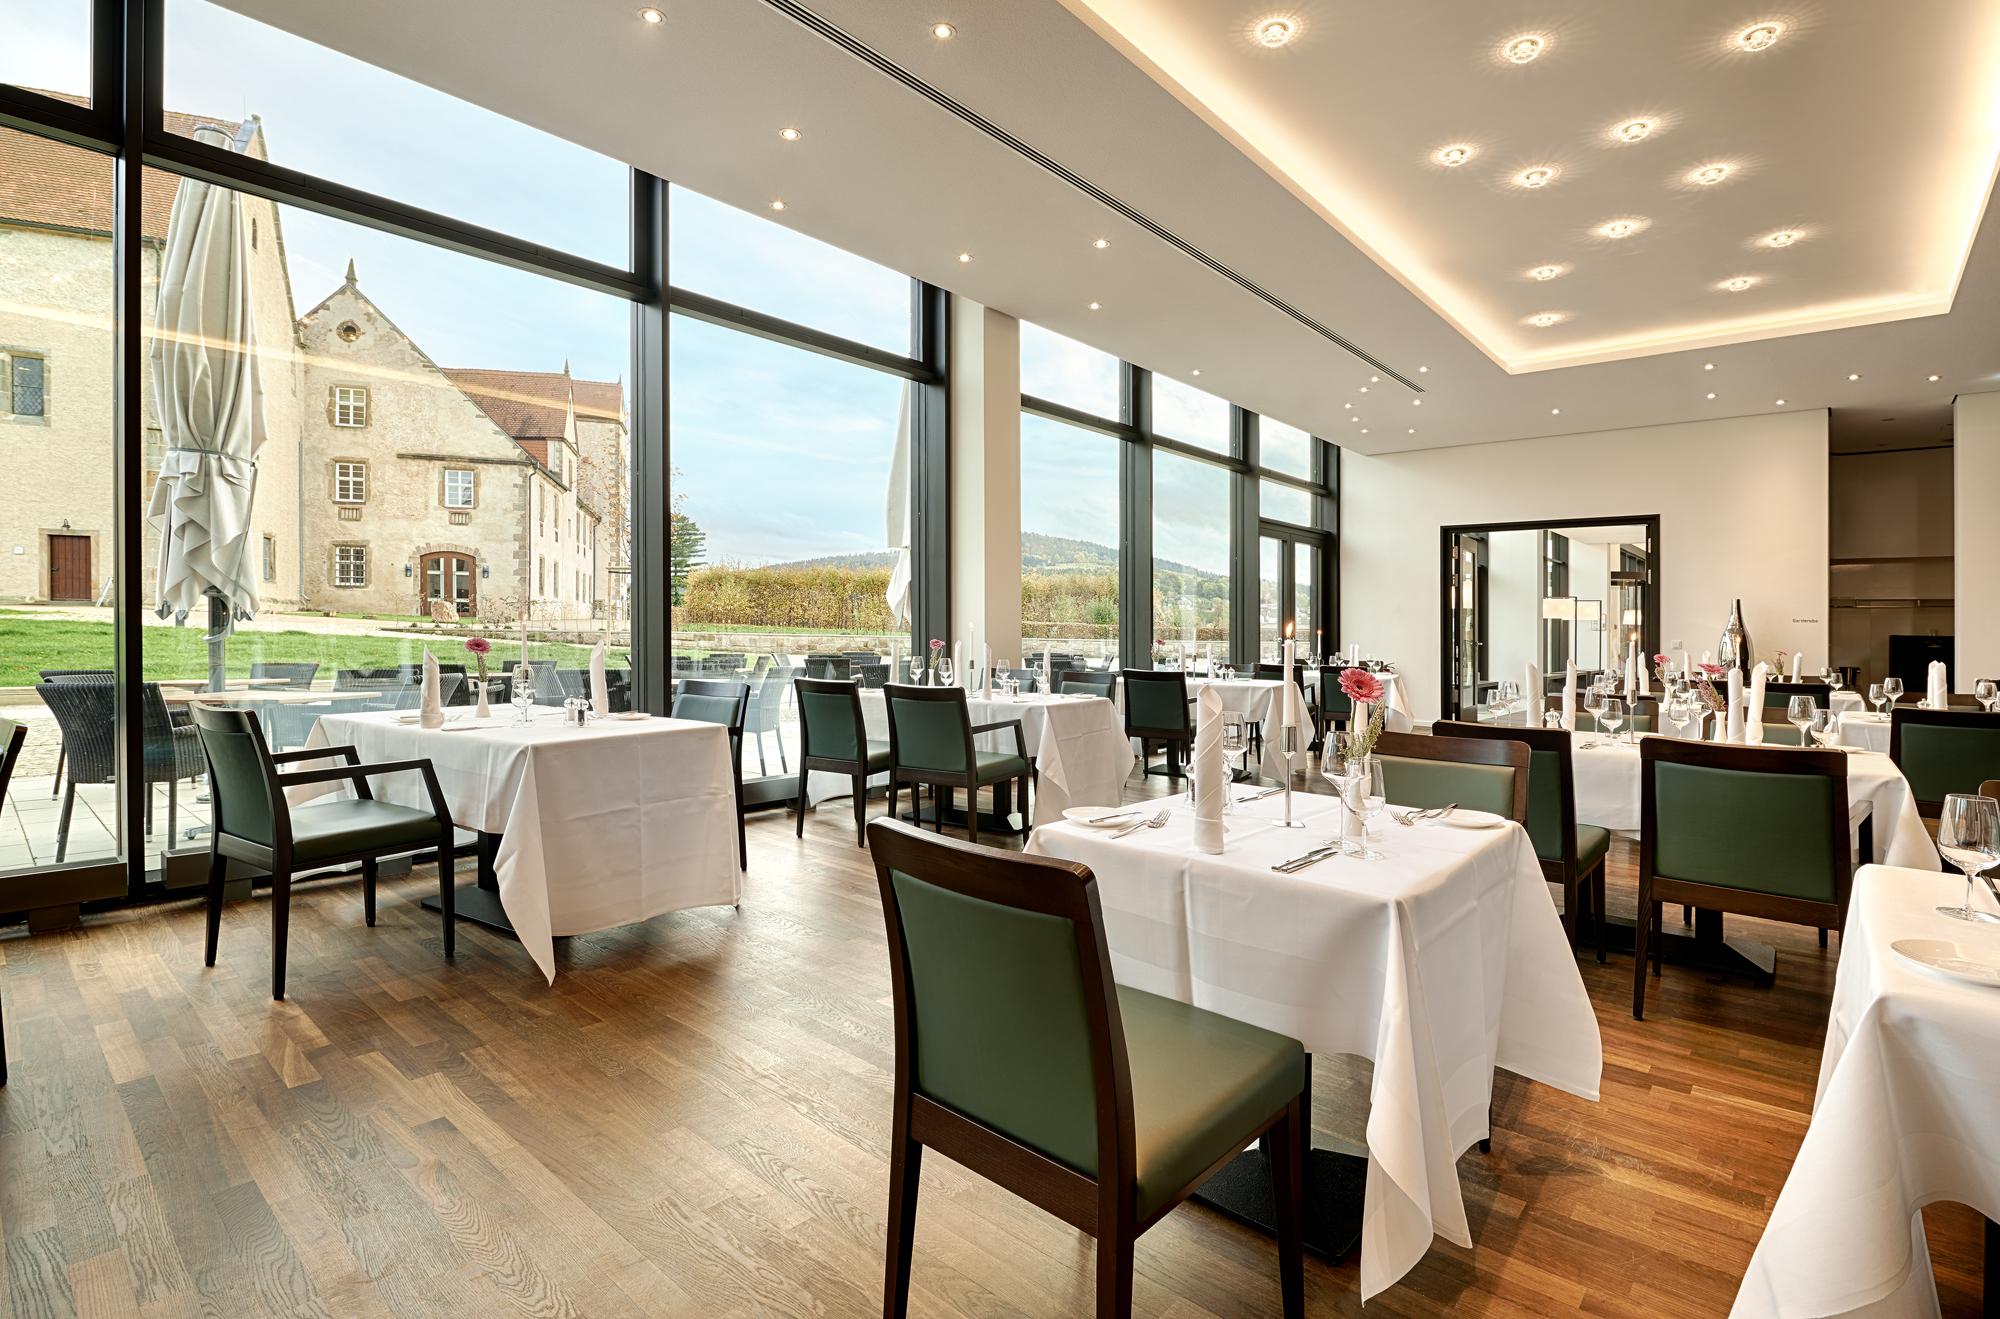 Hotel Kloster Haydau in Morschen